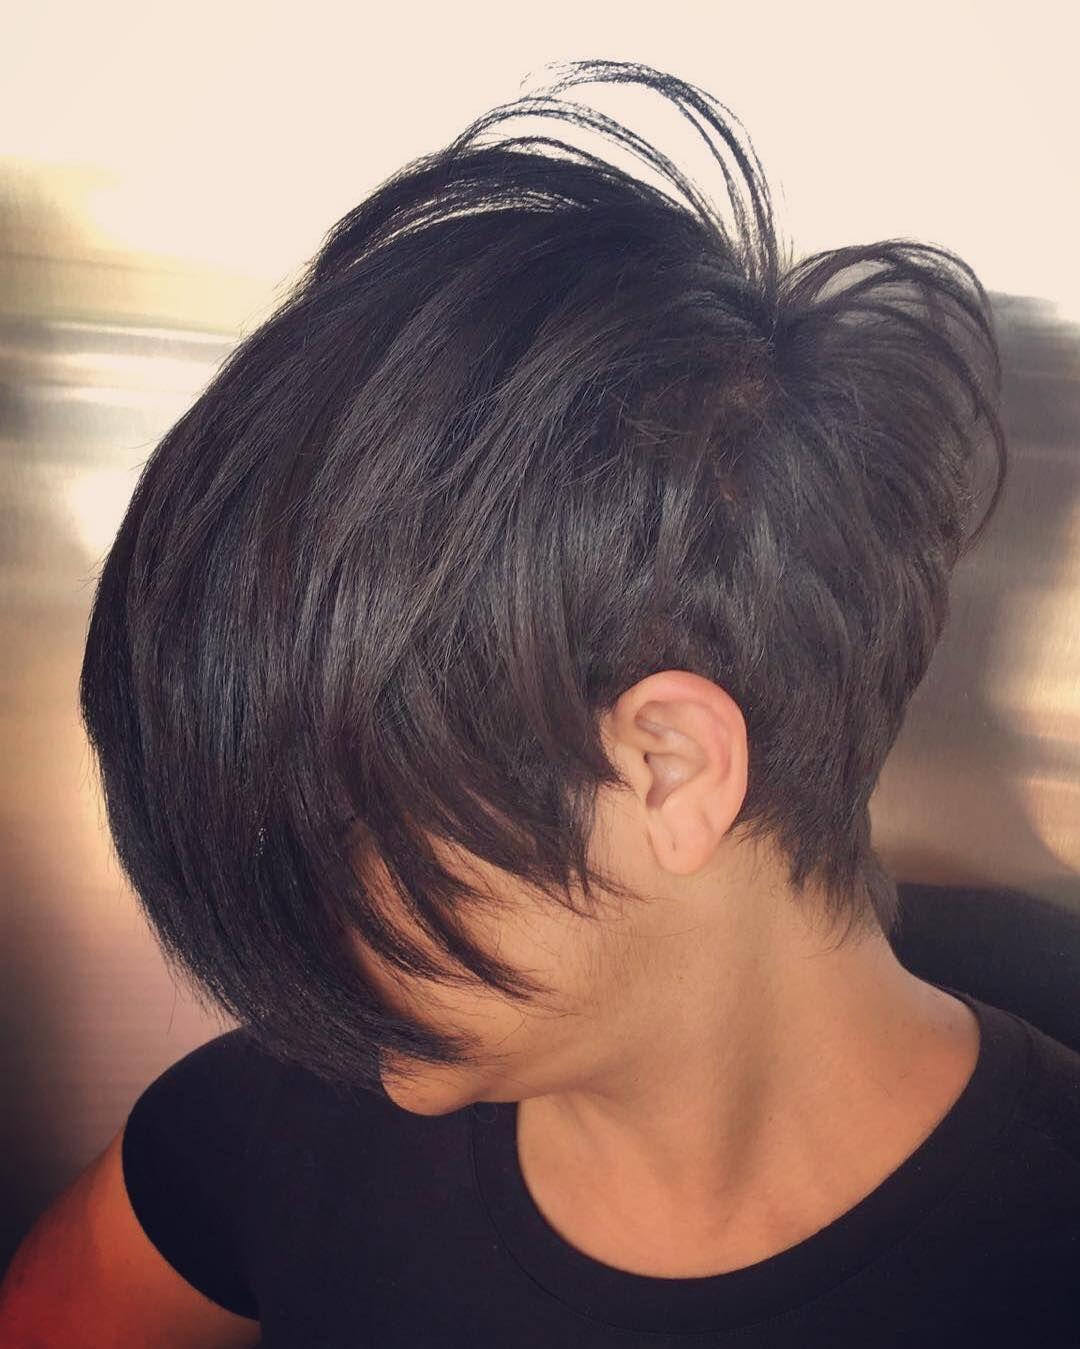 Thastylist thastylist on instagram hair short ii pinterest